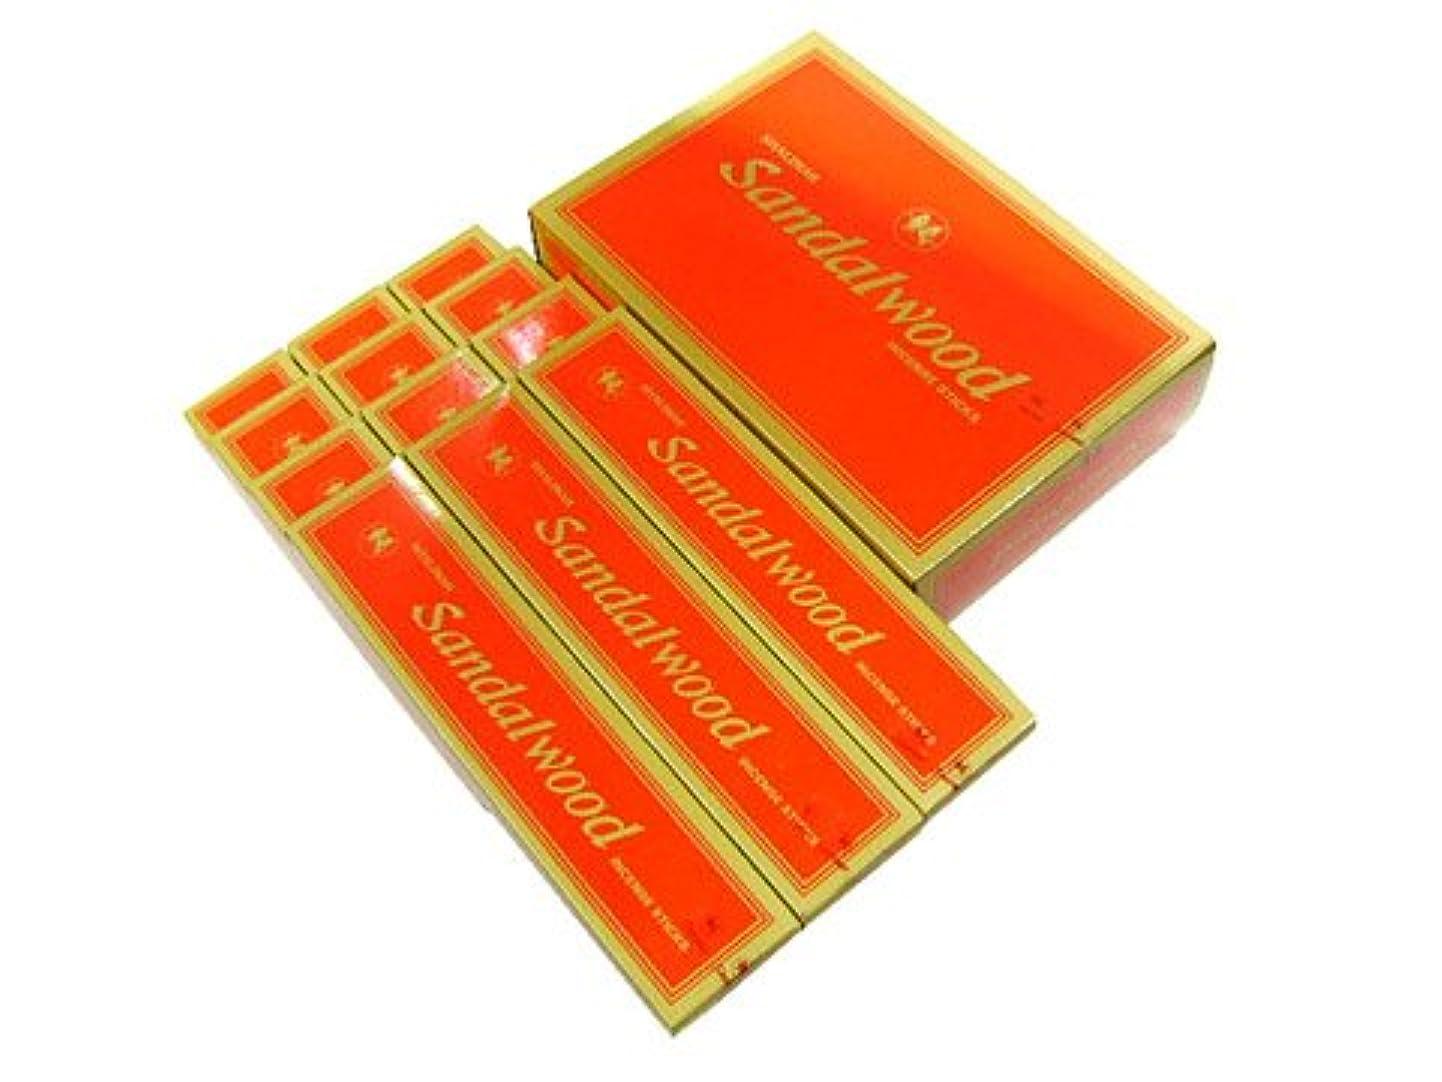 実業家州感じるSHALIMAR(シャリマー) SANDALWOOD サンダルウッド香(レギュラーボックス) スティック 12箱セット